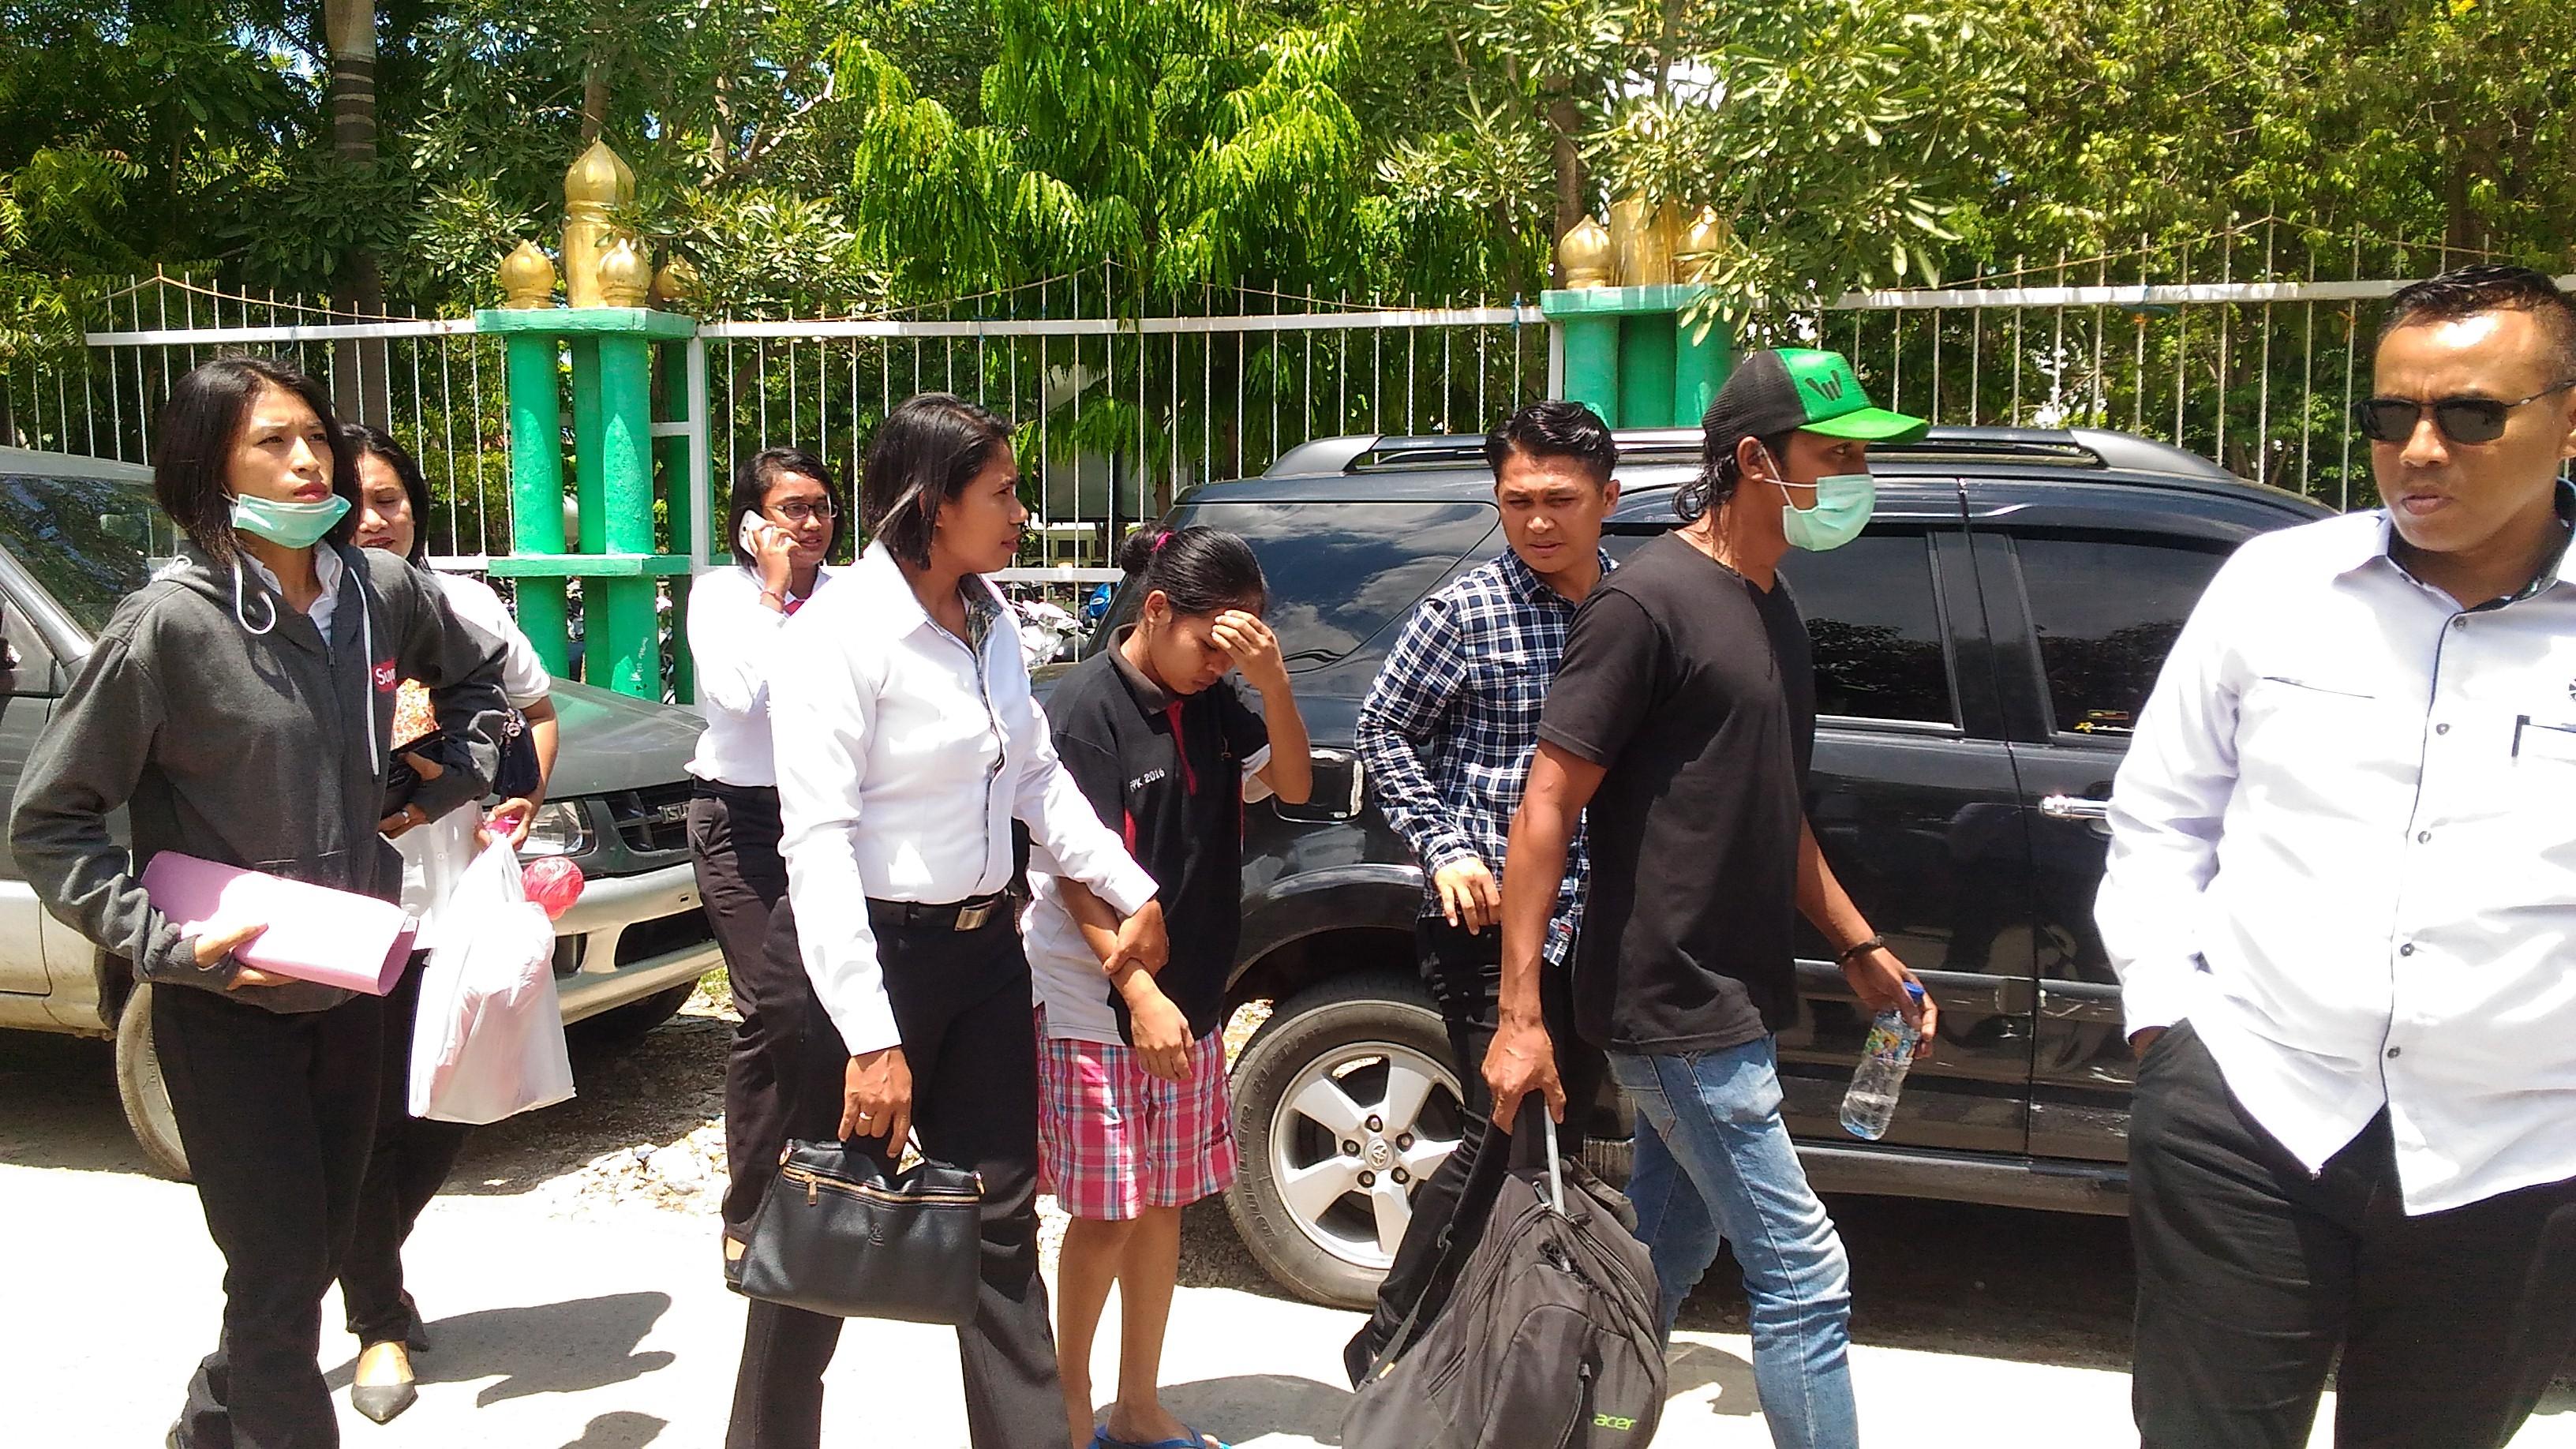 Tersangka NI dikawal aparat dari Polres Kupang Kota saat digelar rekonstruksi. (Foto: Andyos/BN)